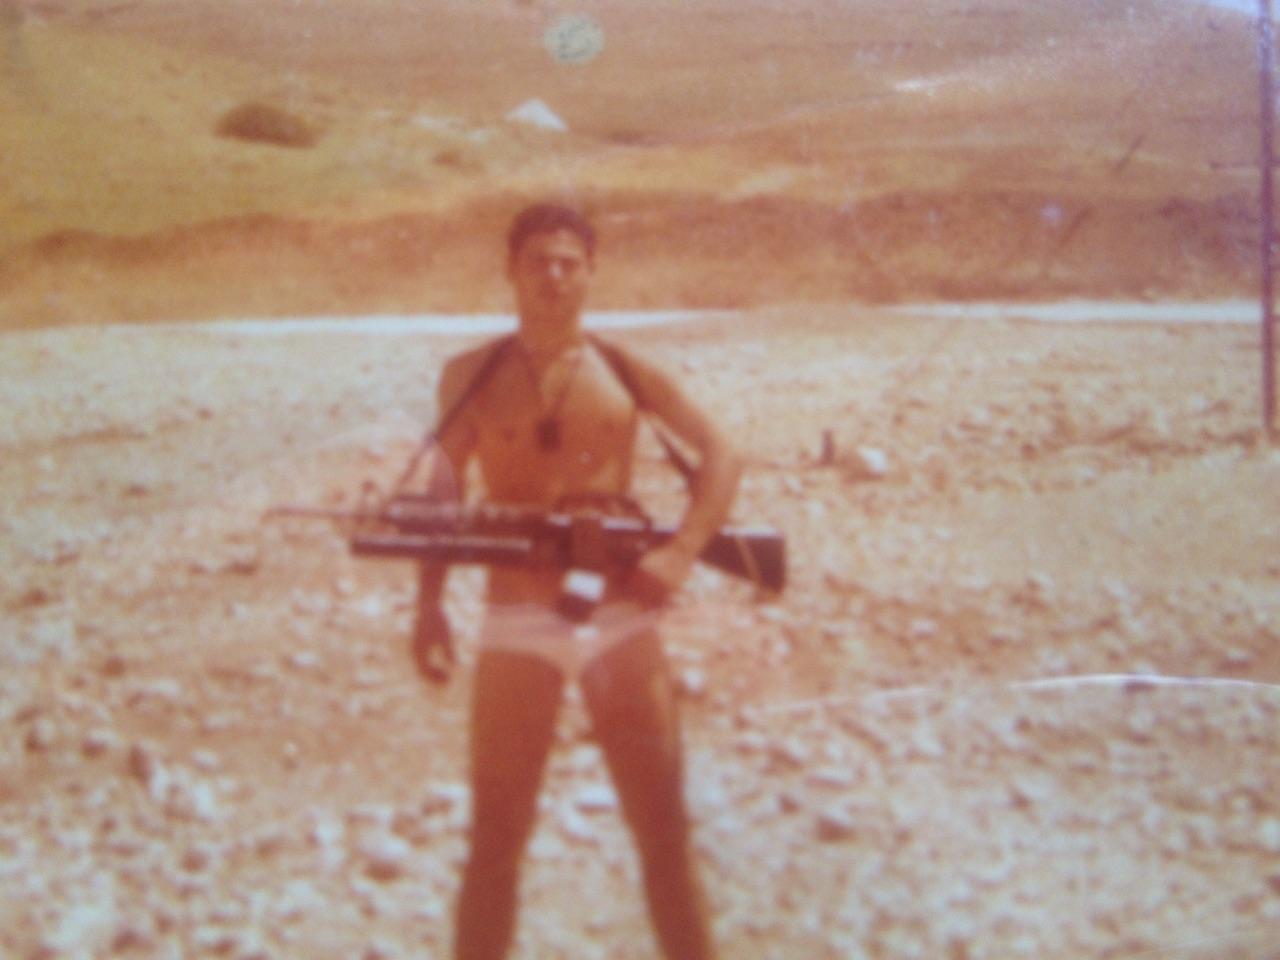 אבי בן אוחיוןבתנוחה קרבית - מסלול